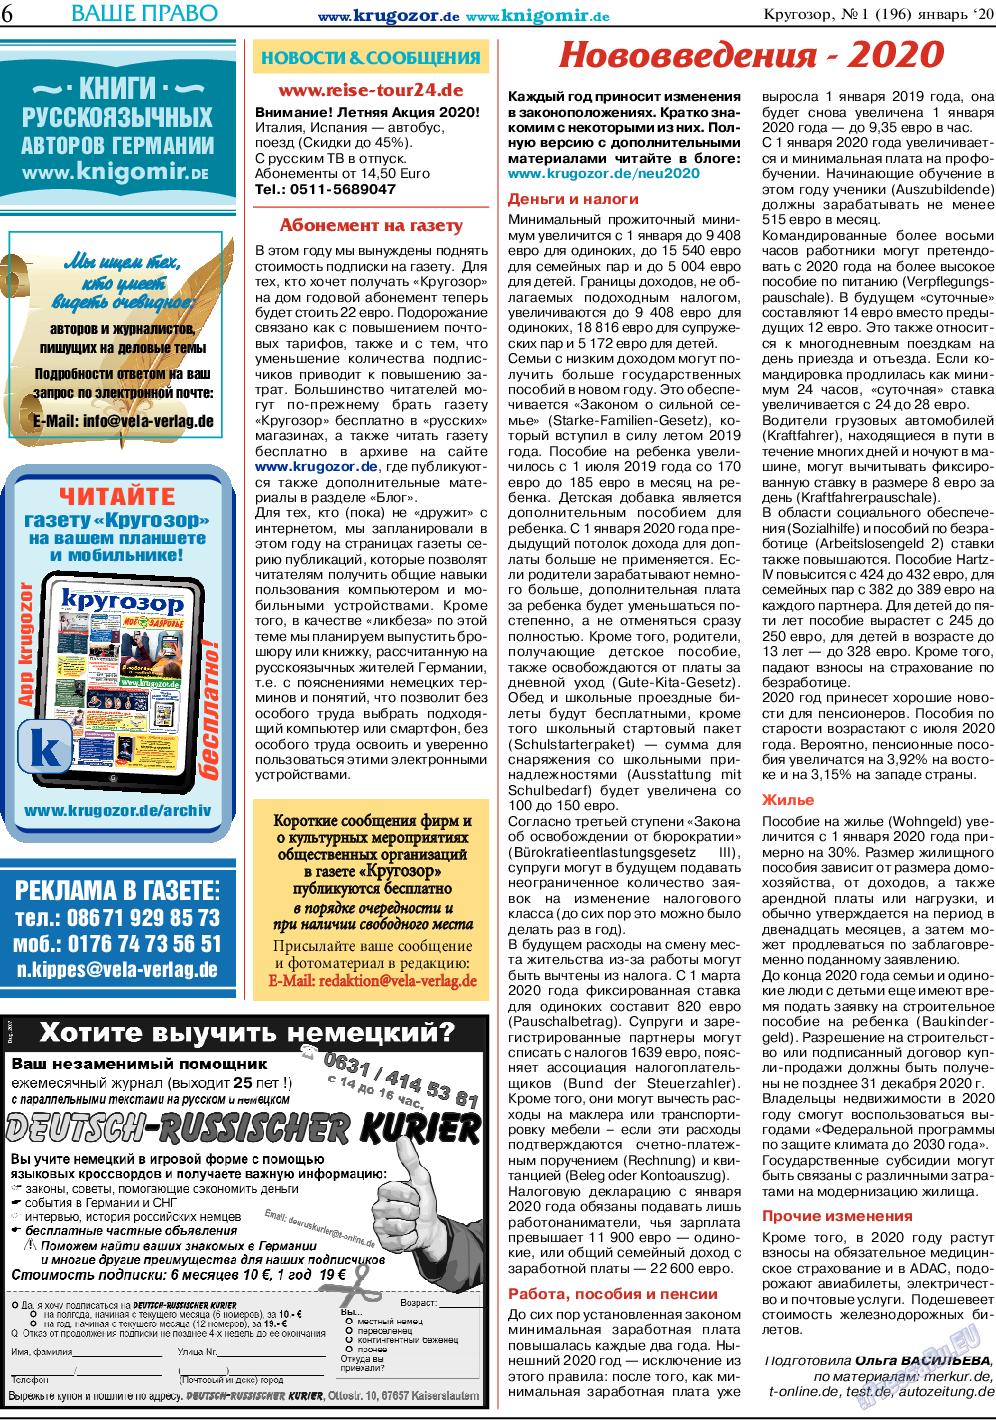 Кругозор (газета). 2020 год, номер 1, стр. 6